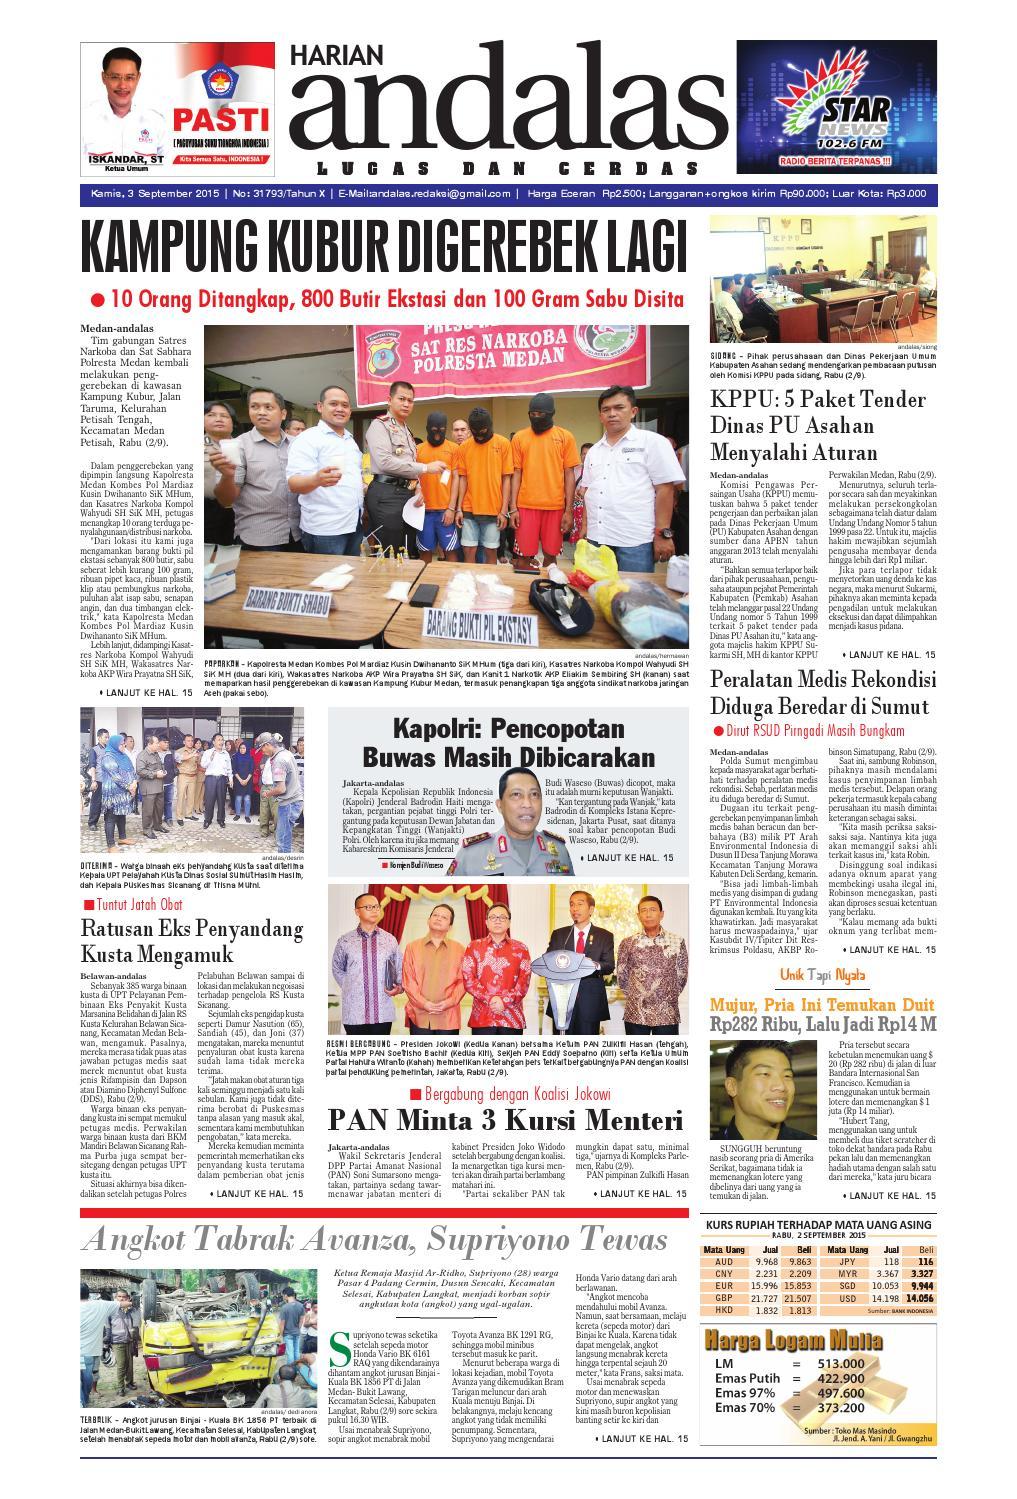 Epaper andalas edisi kamis 3 september 2015 by media andalas - issuu cd7c85f978